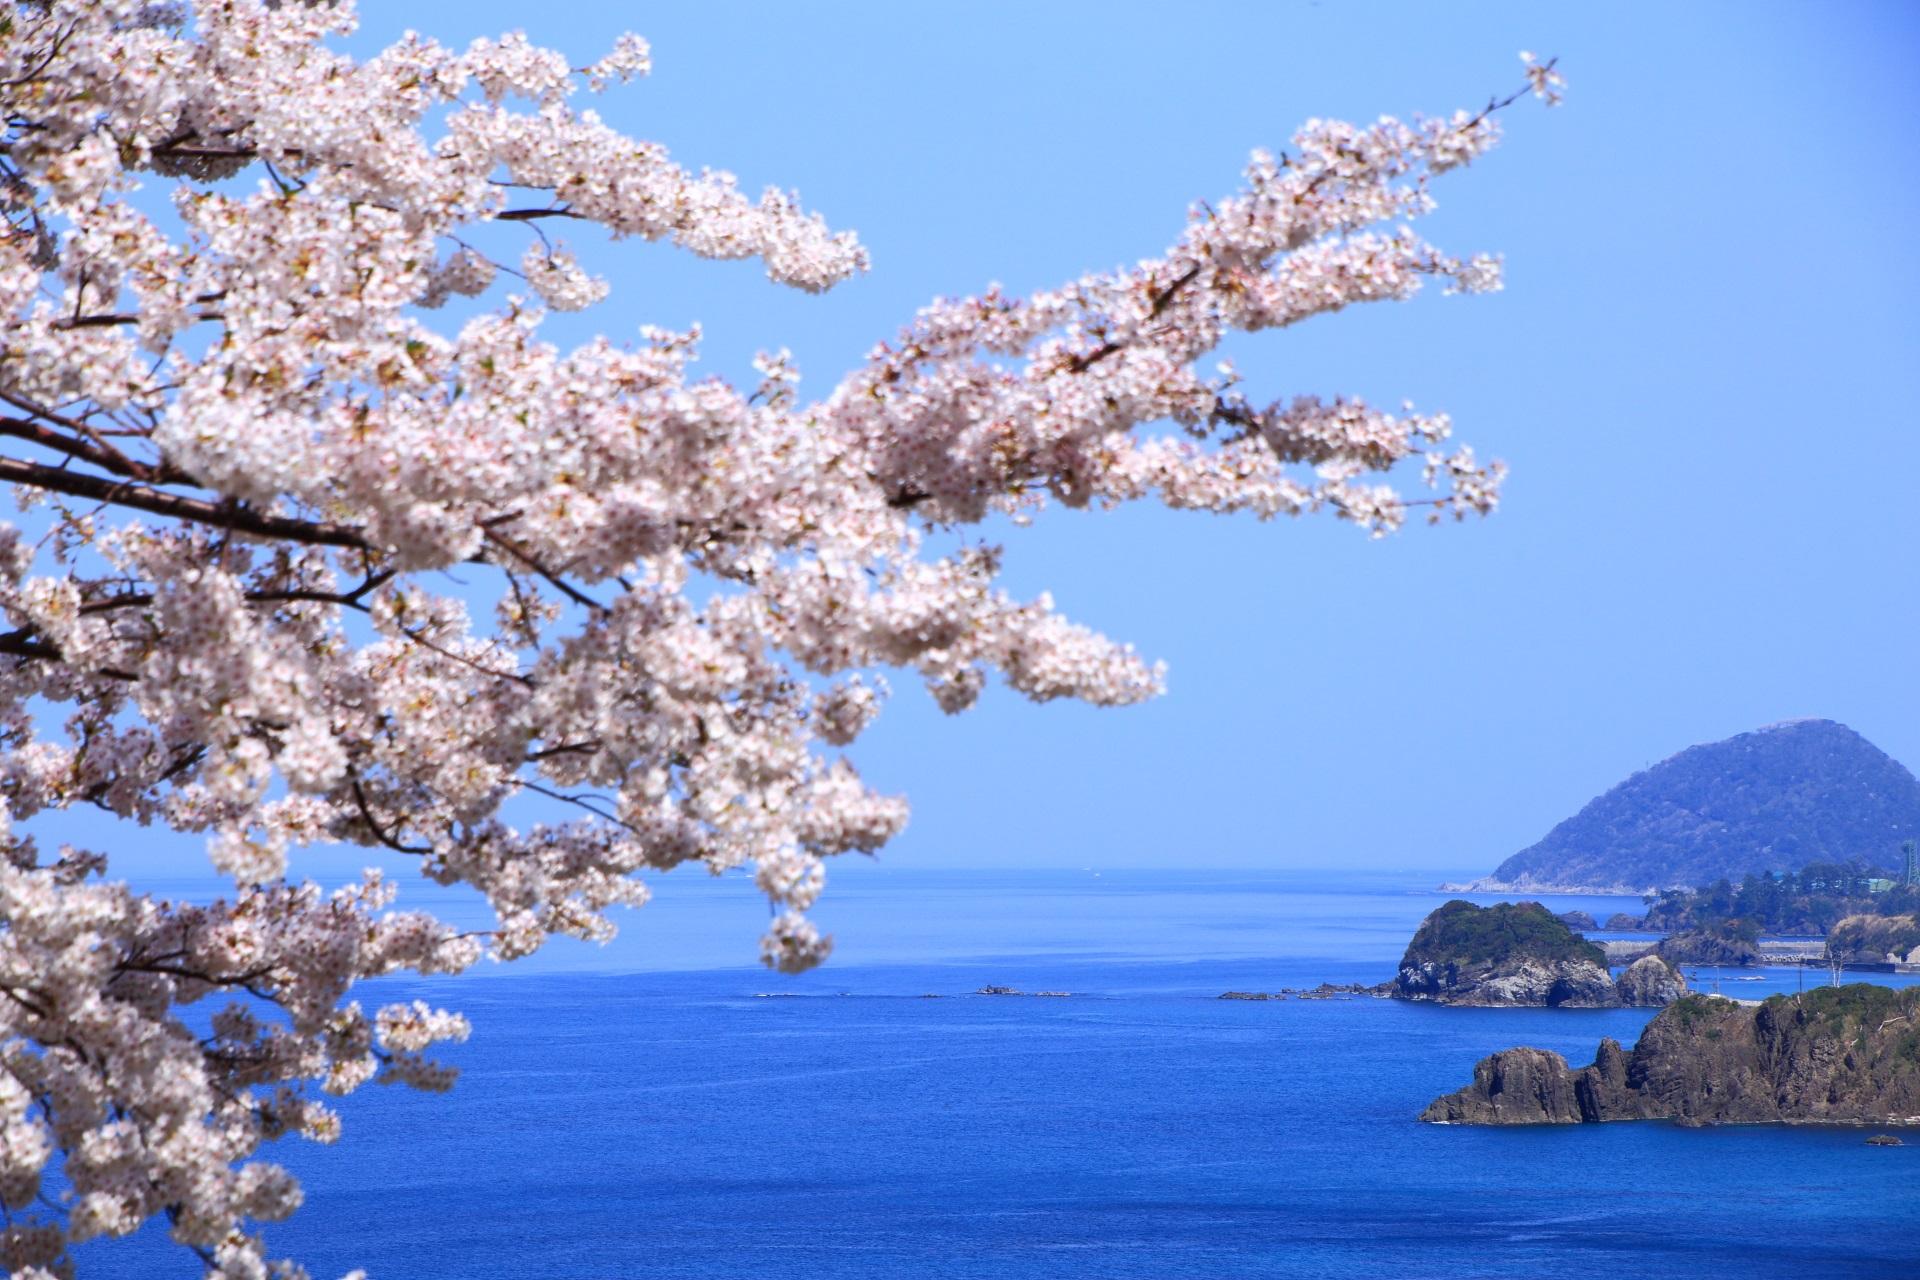 桜の向こうに浮かぶ岩